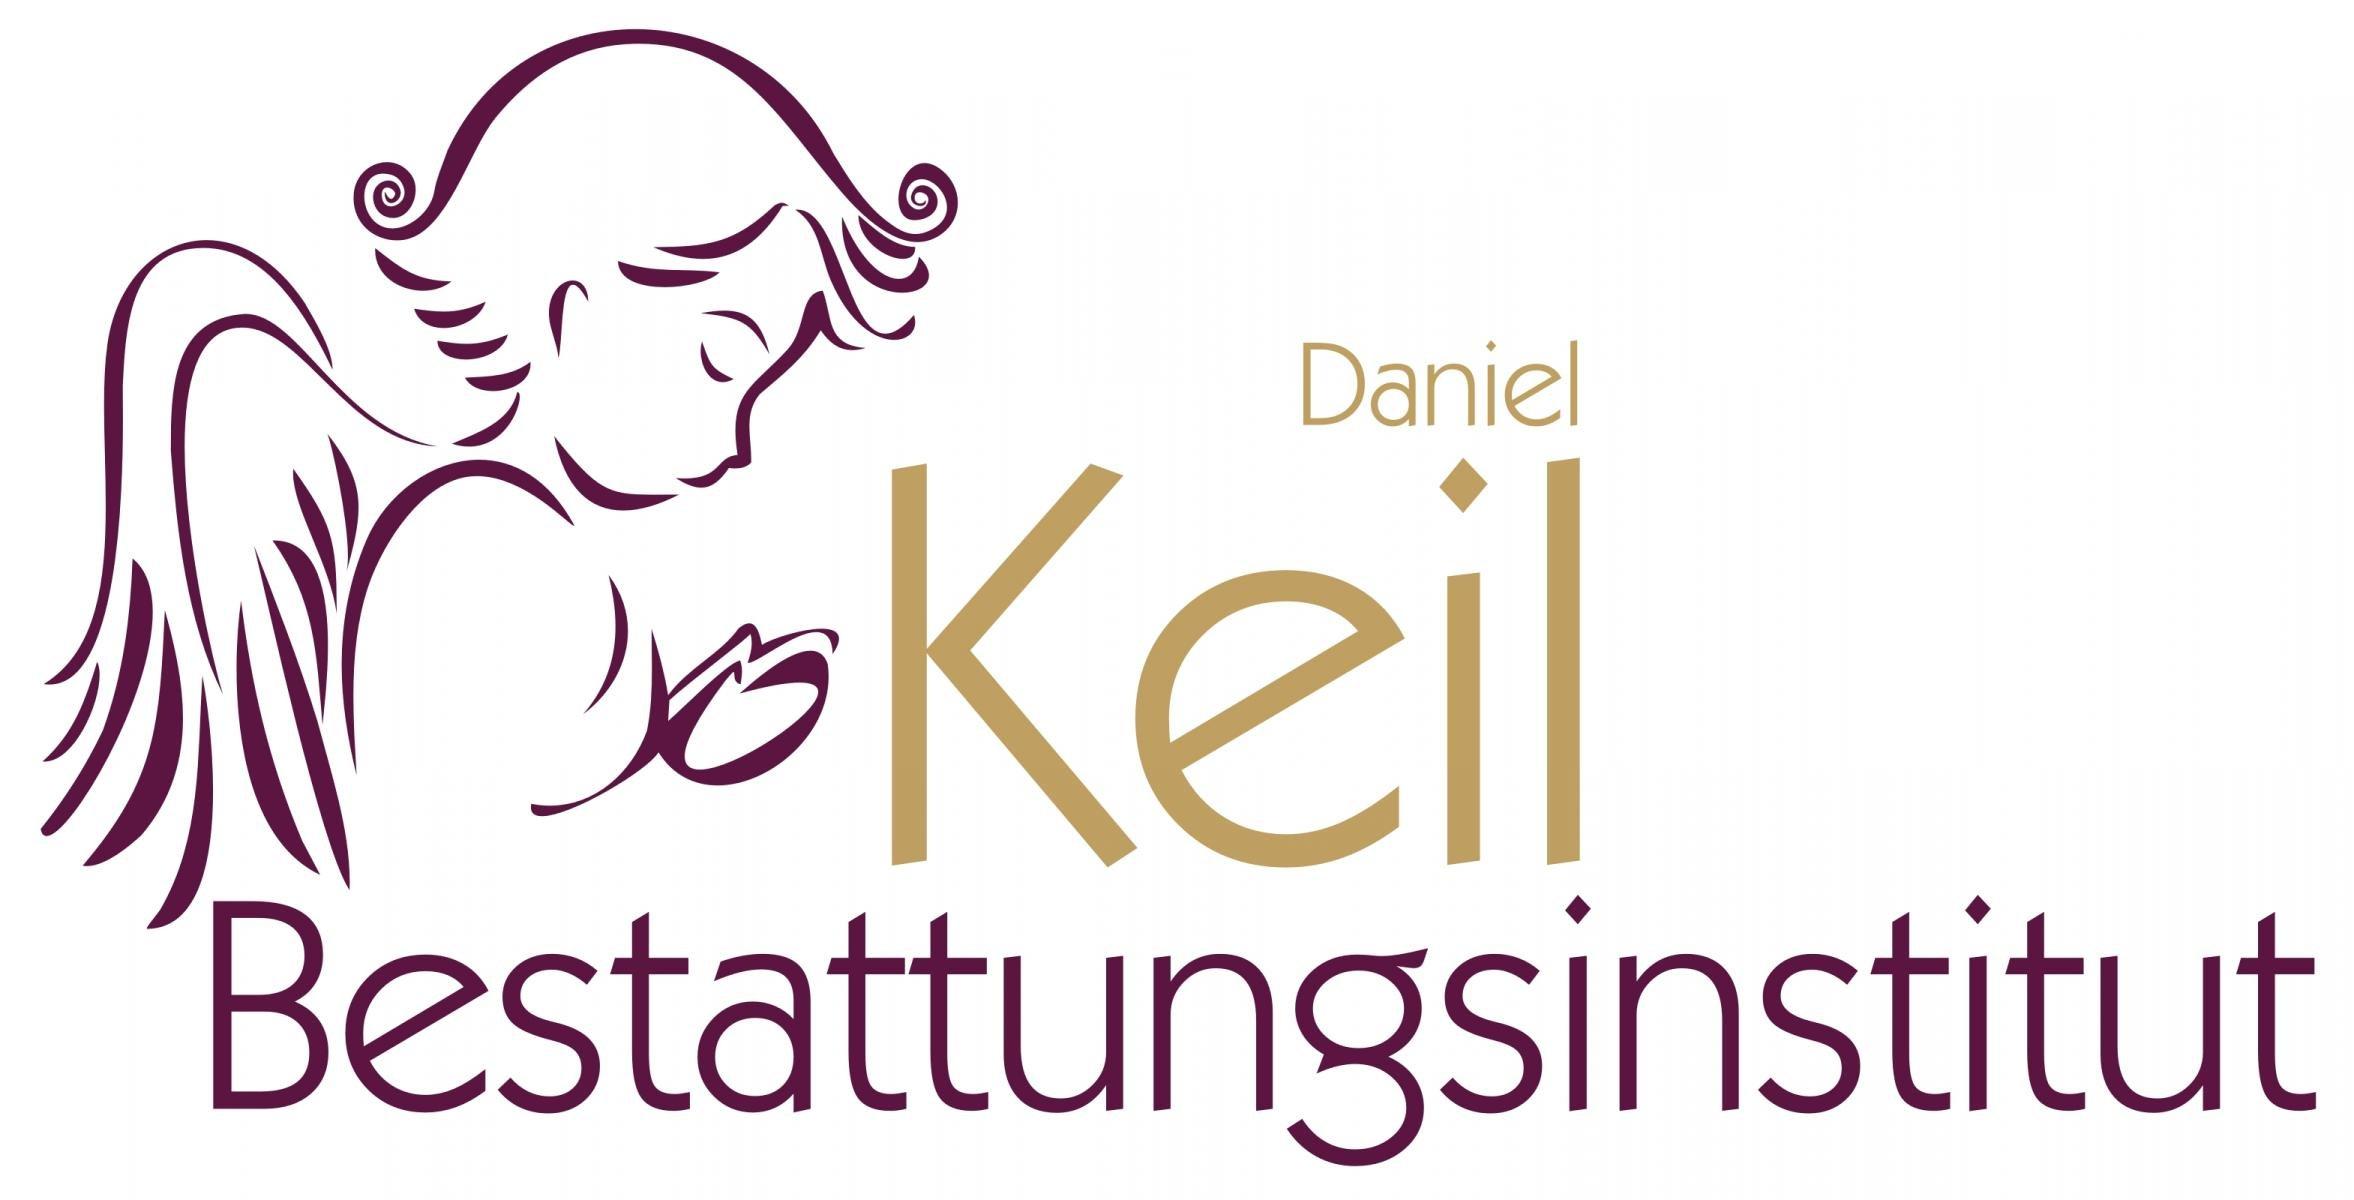 Bestattungsinstitut Daniel Keil Kusel